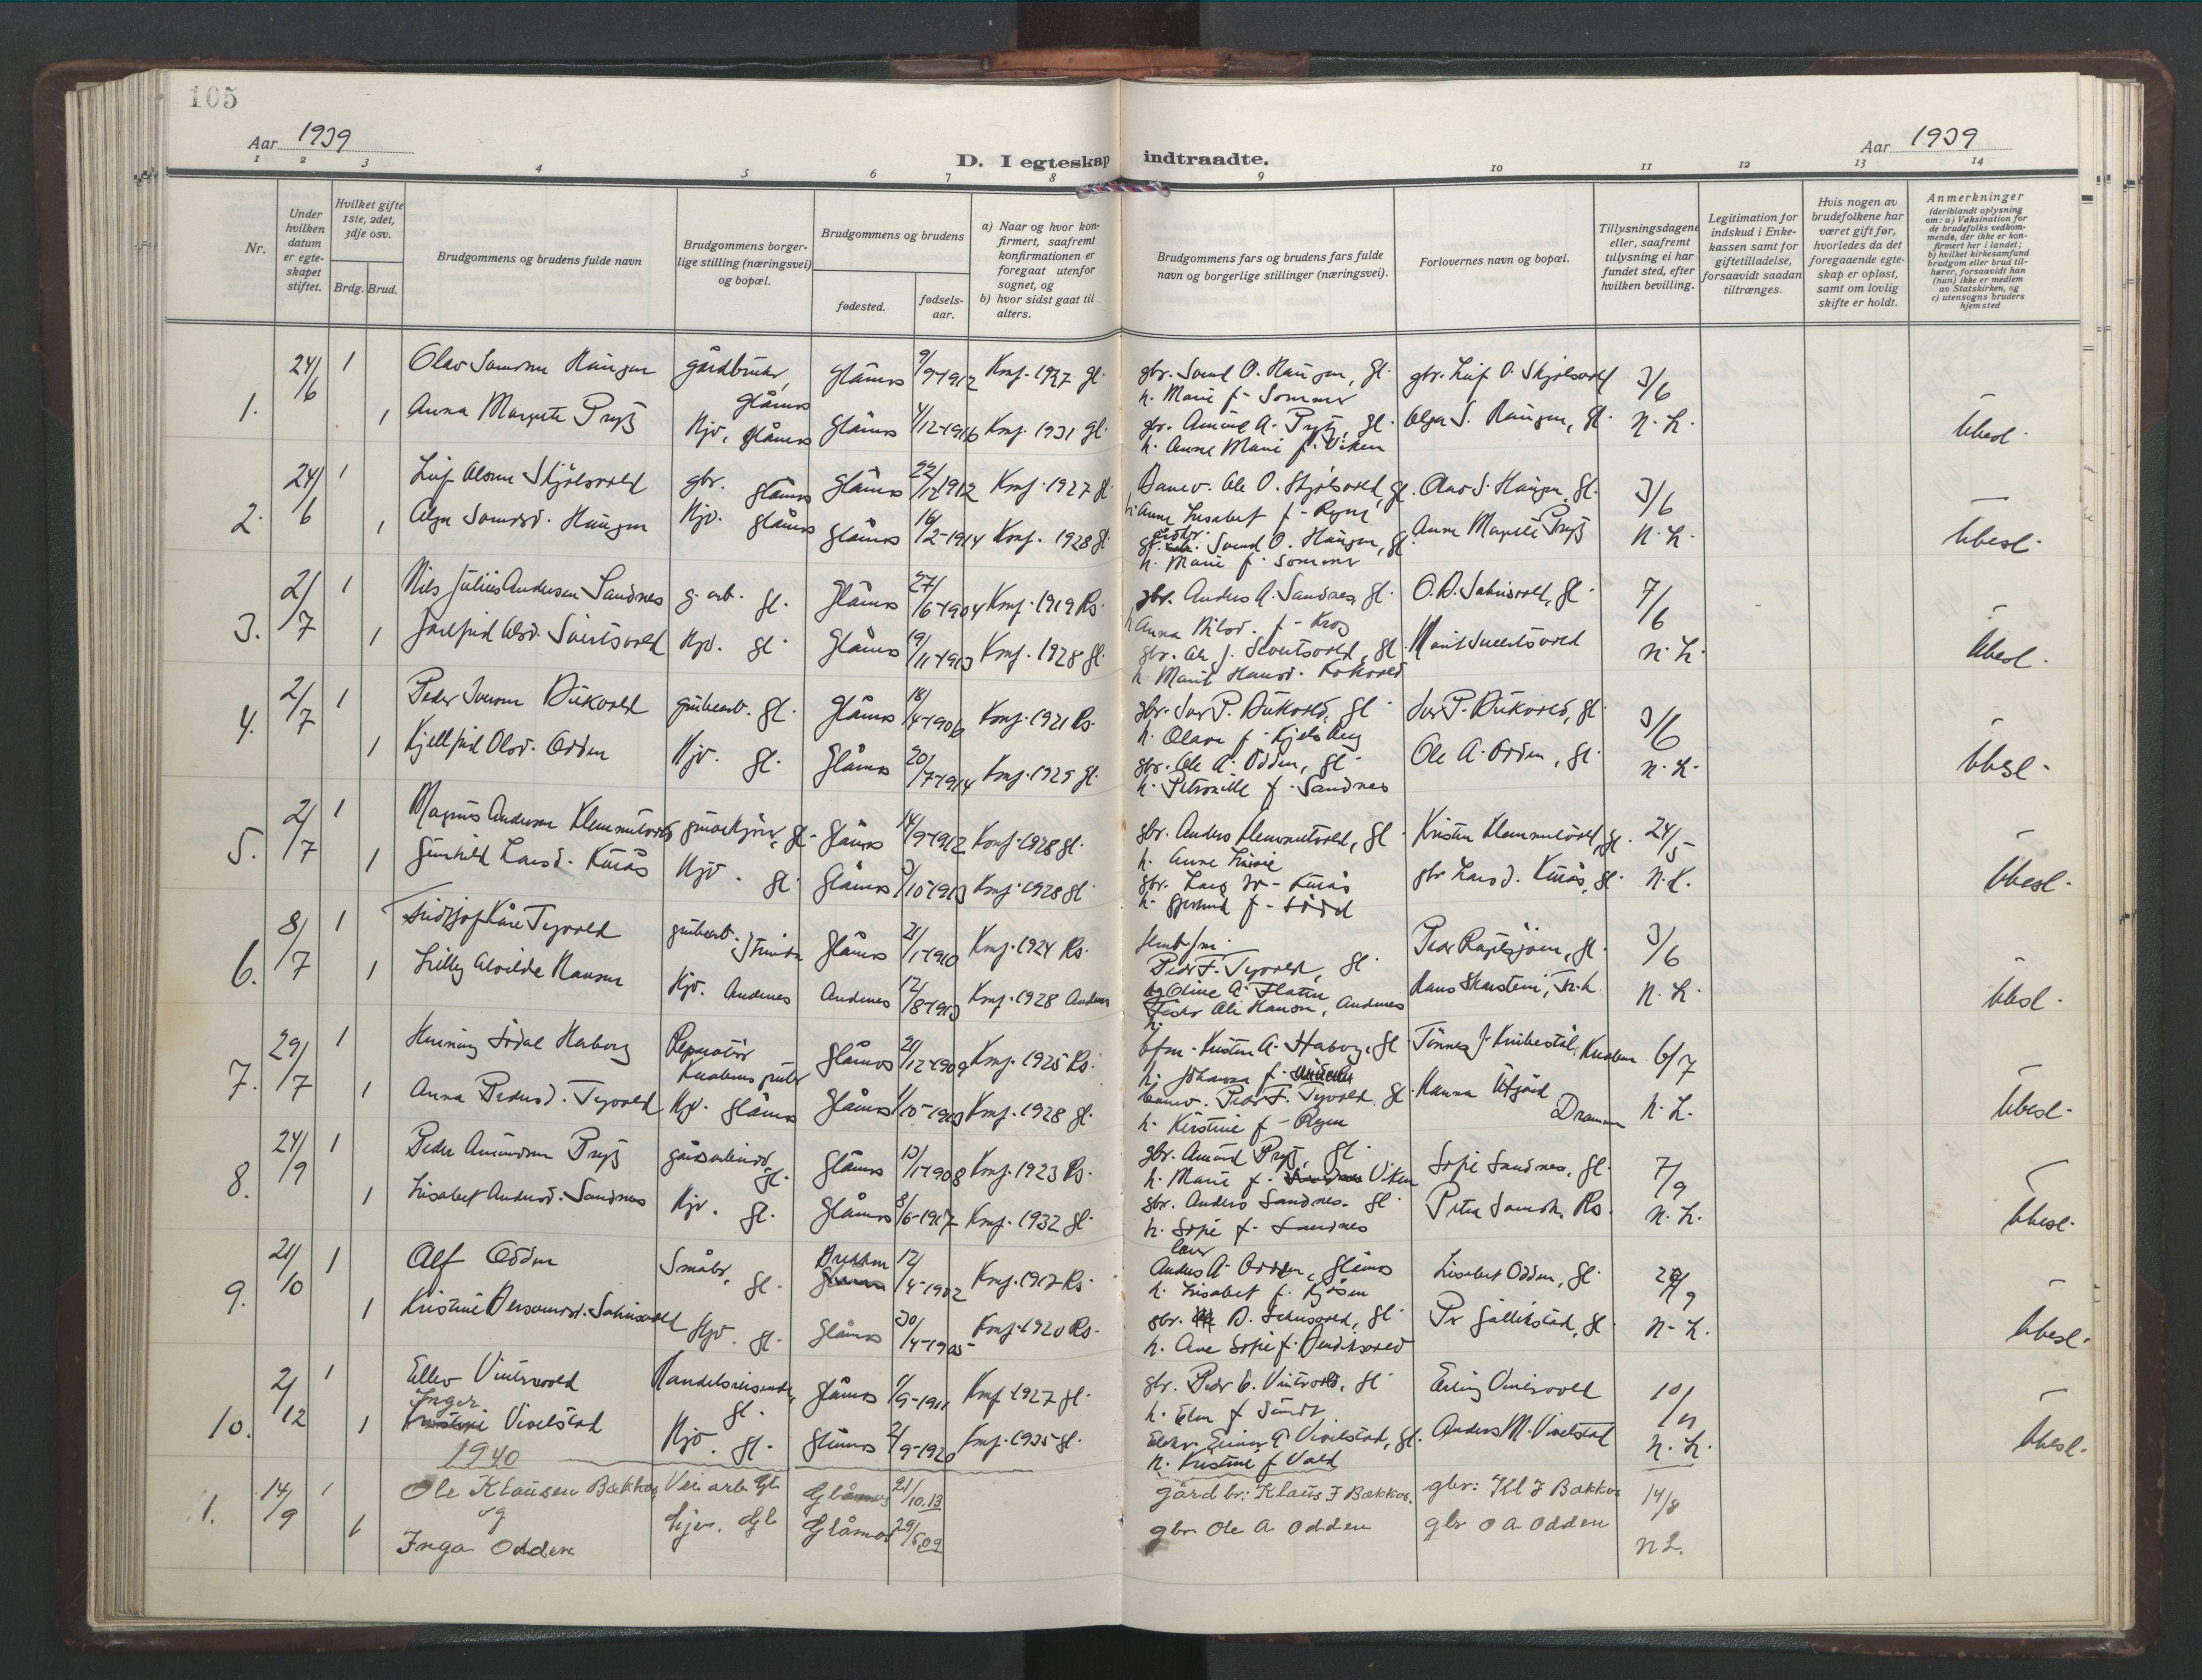 SAT, Ministerialprotokoller, klokkerbøker og fødselsregistre - Sør-Trøndelag, 682/L0947: Klokkerbok nr. 682C01, 1926-1968, s. 105